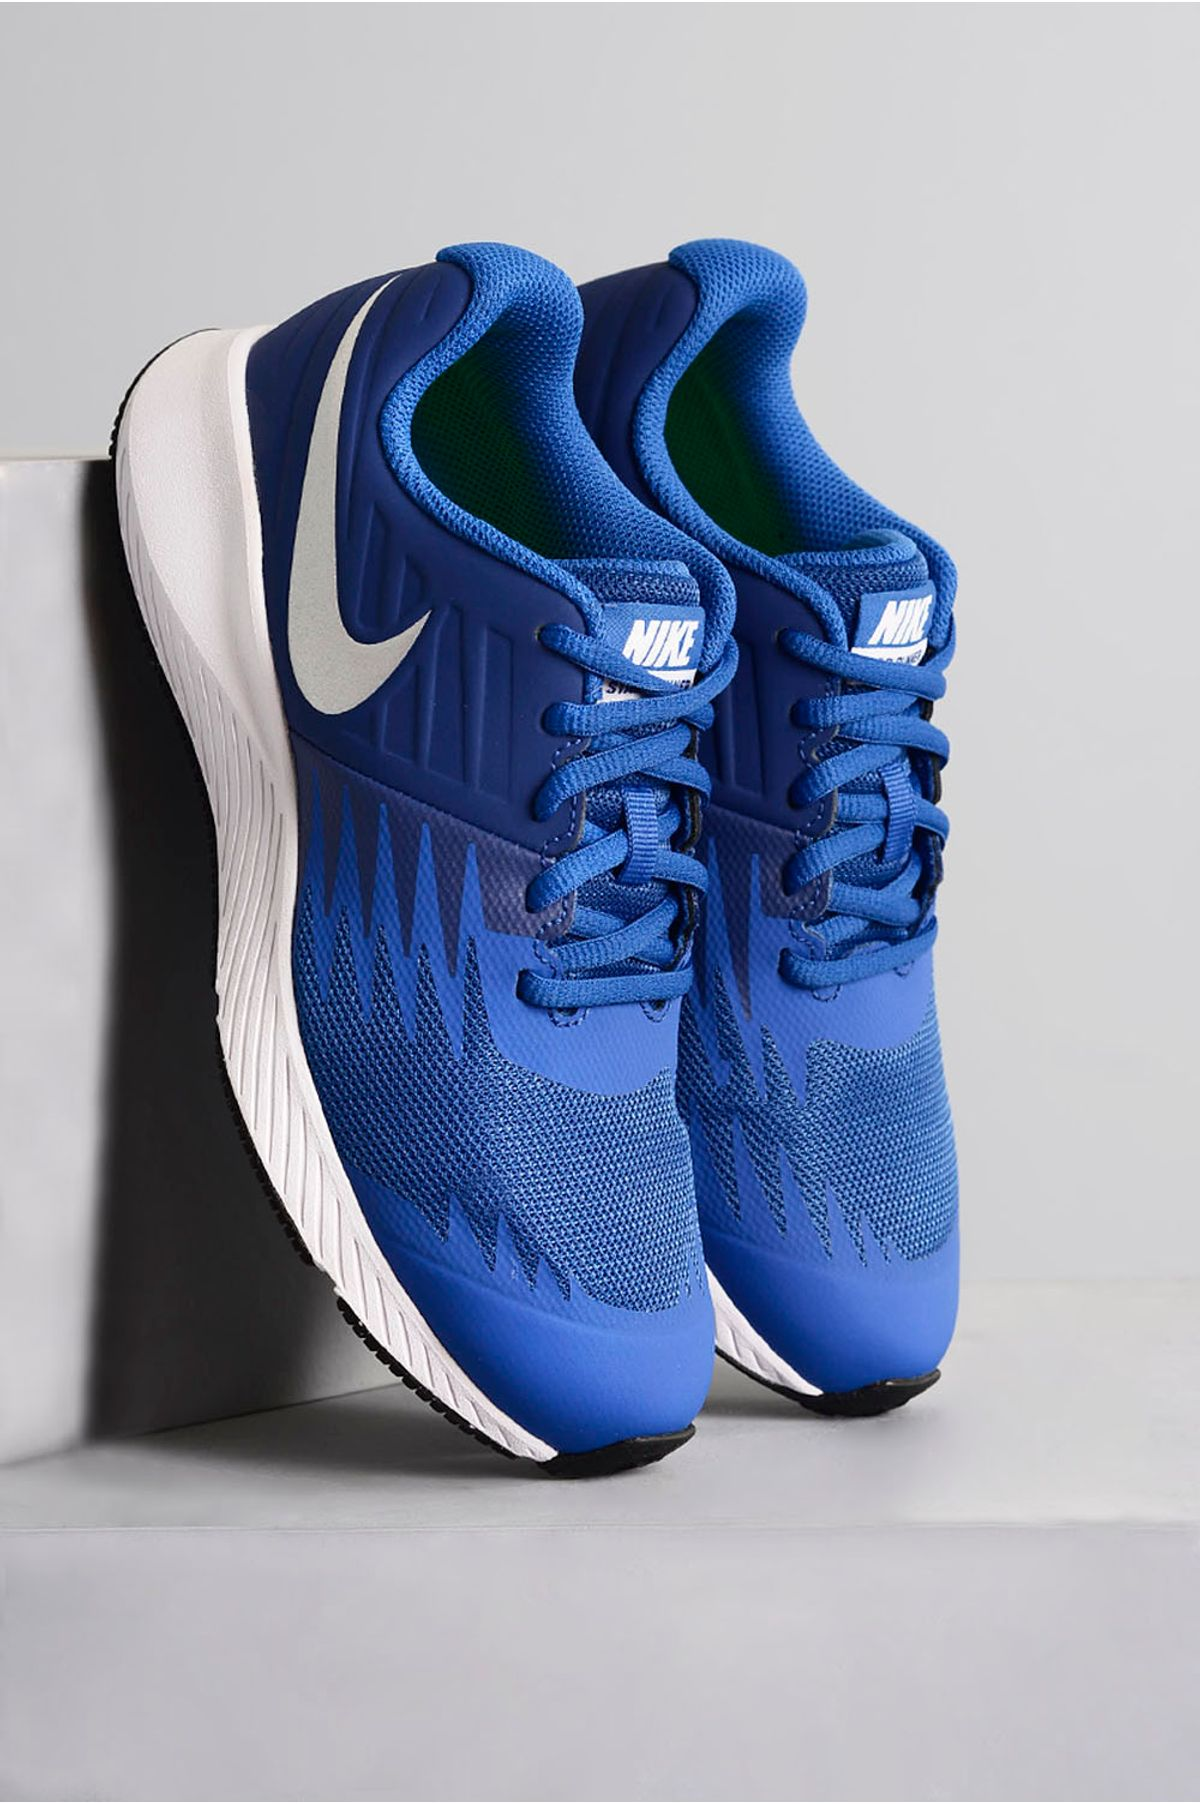 3b6429a1339 Tênis Infantil Teen Nike Star Runner AZUL - Mundial Calçados